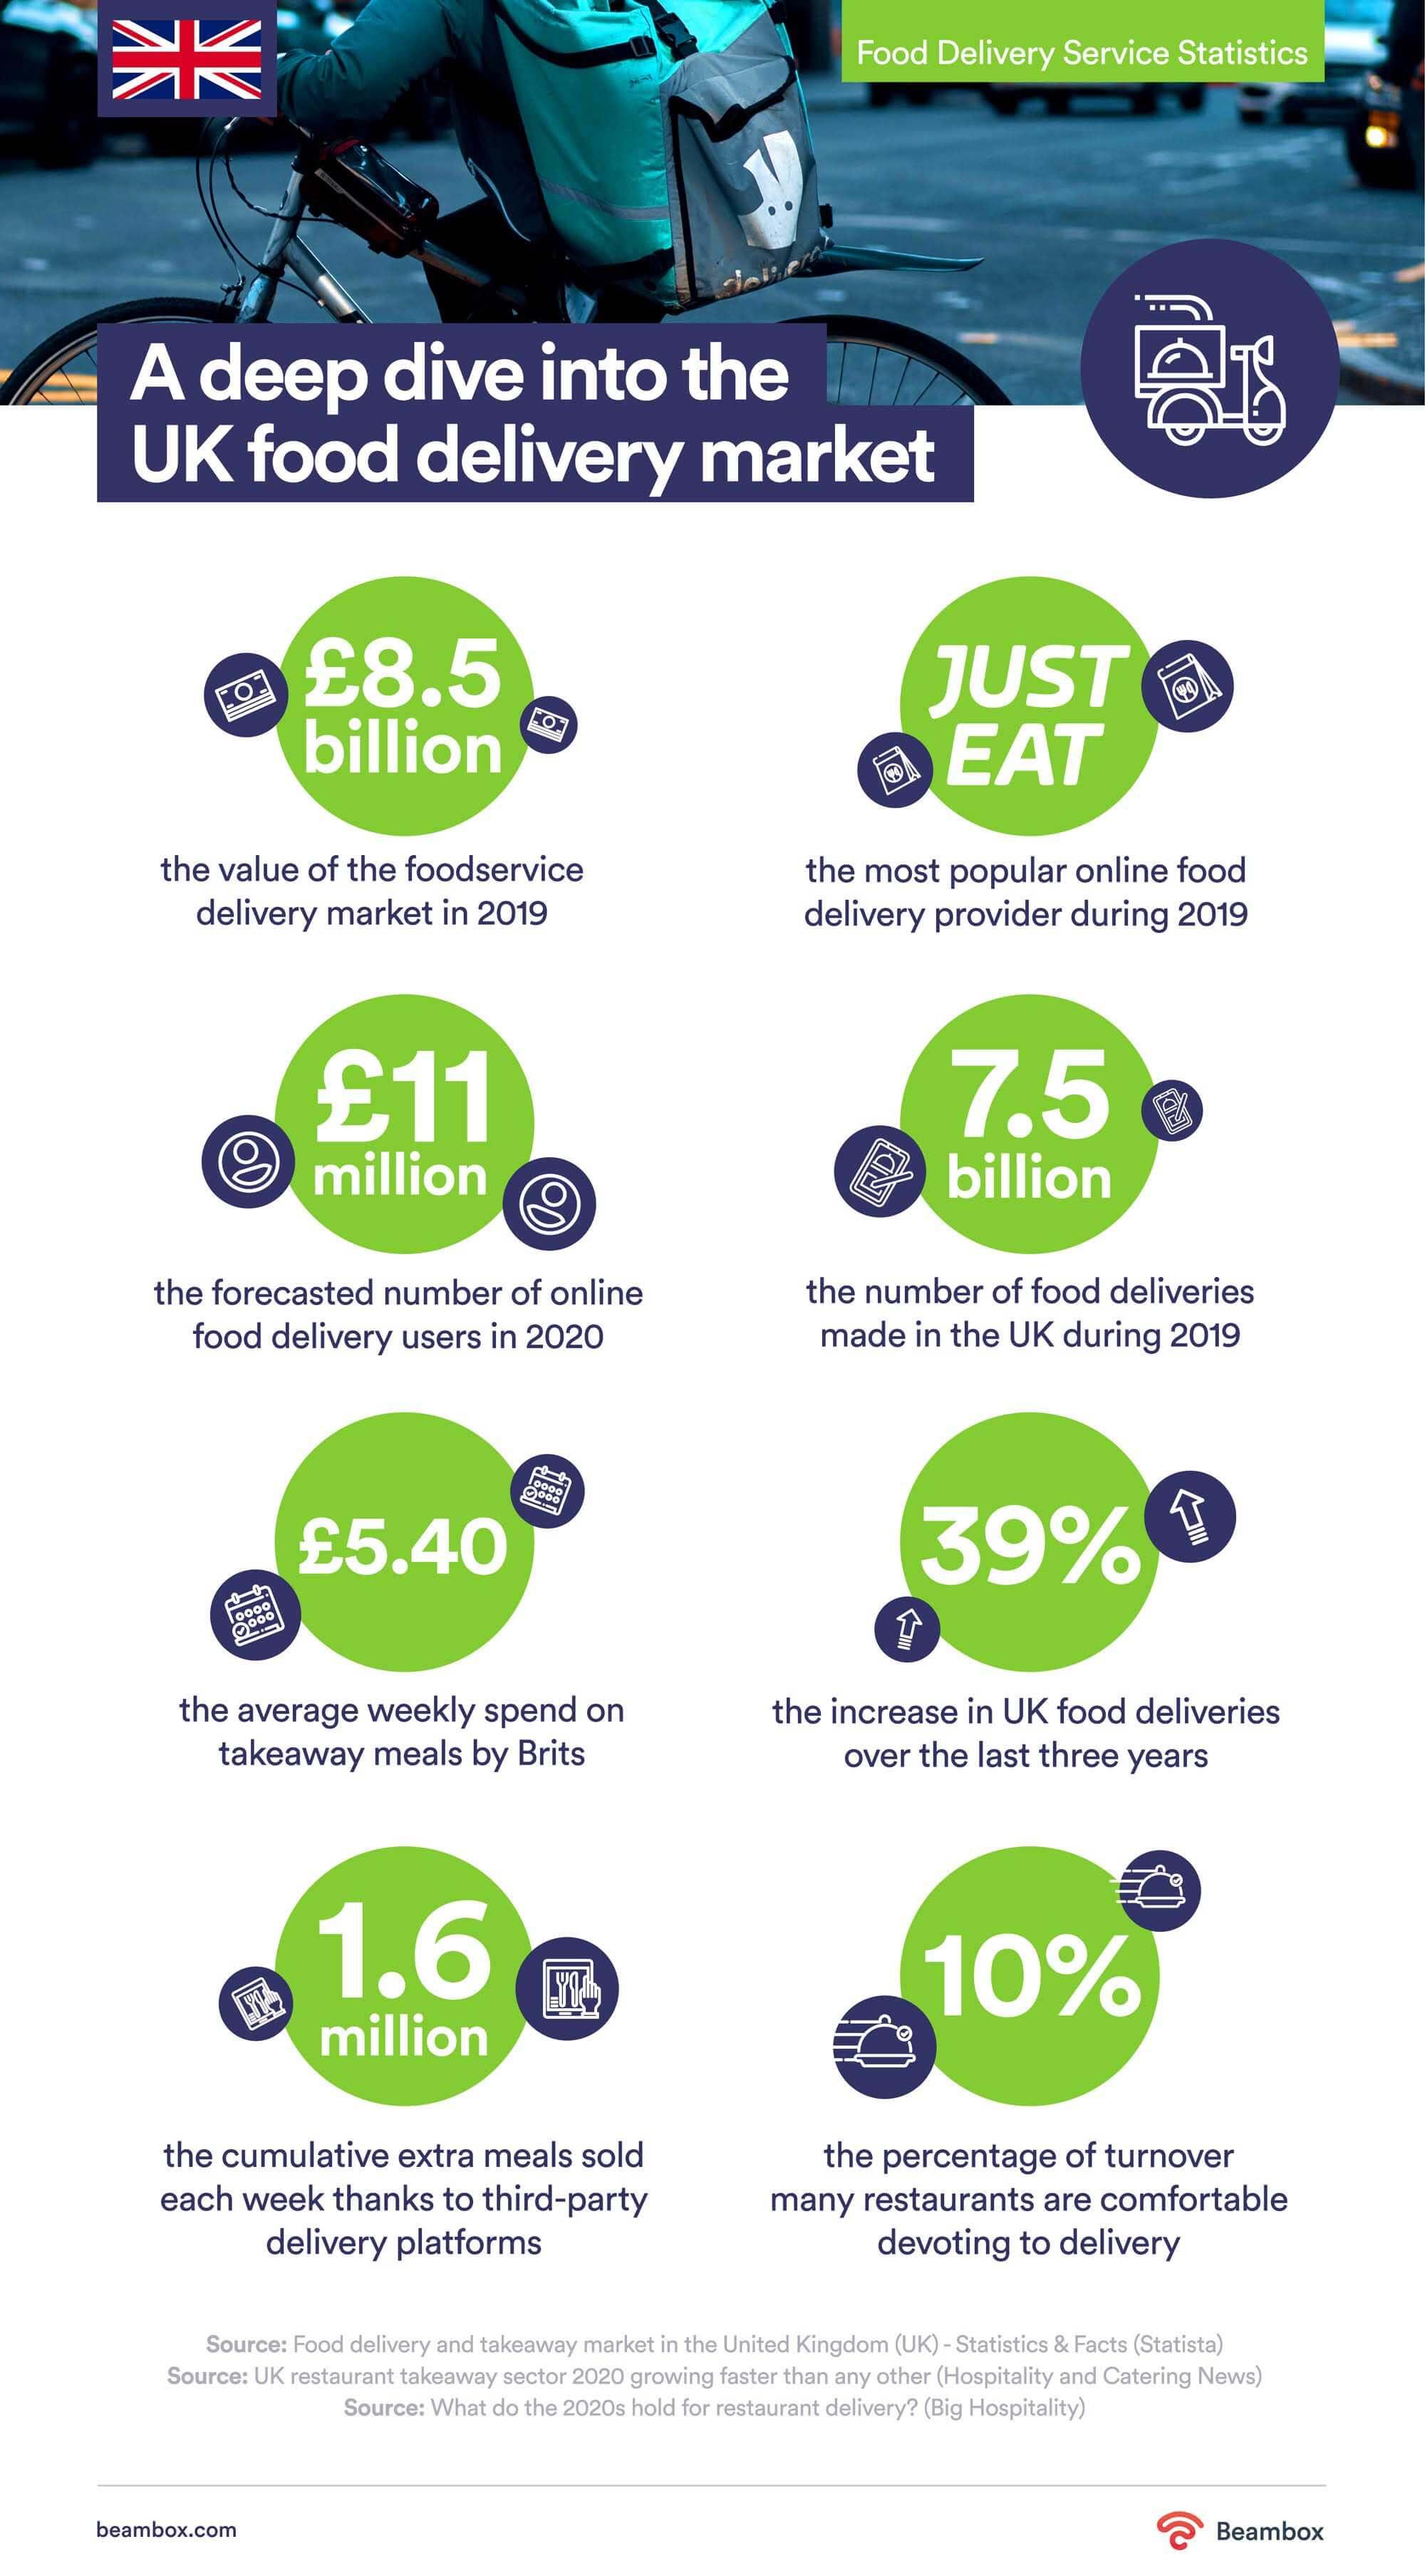 uk food delivery statistics